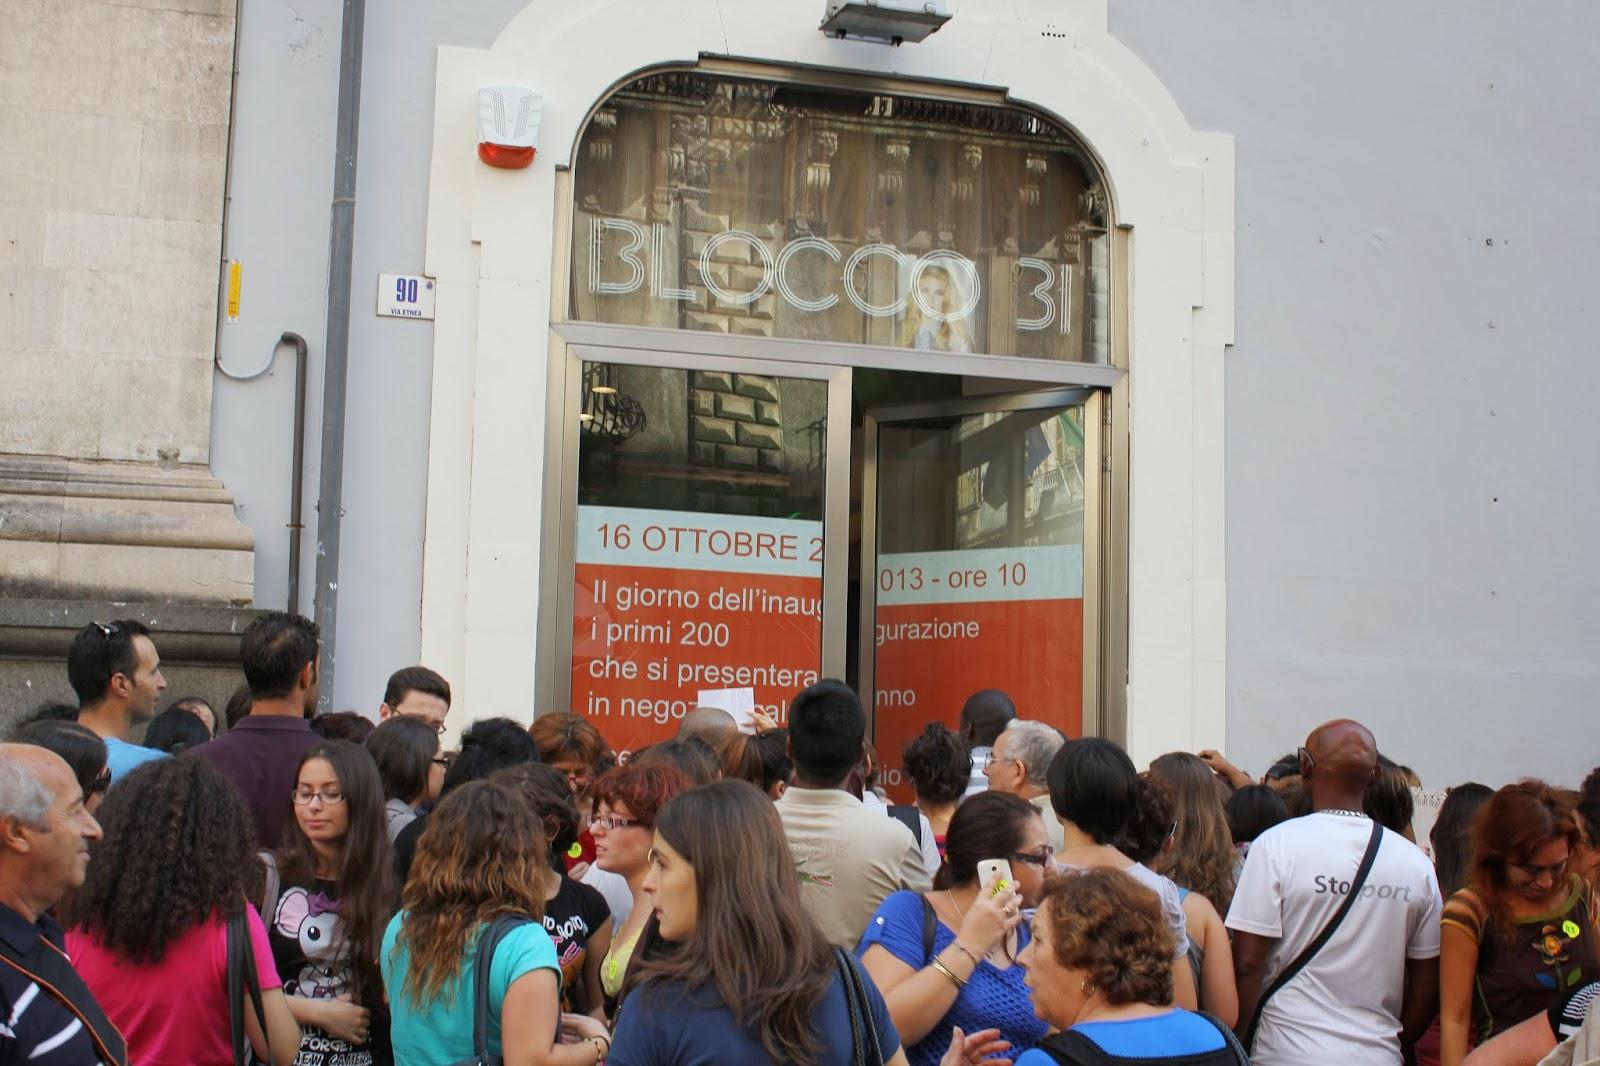 Blocco 31 apre a Catania..e regala le scarpe Glamourday